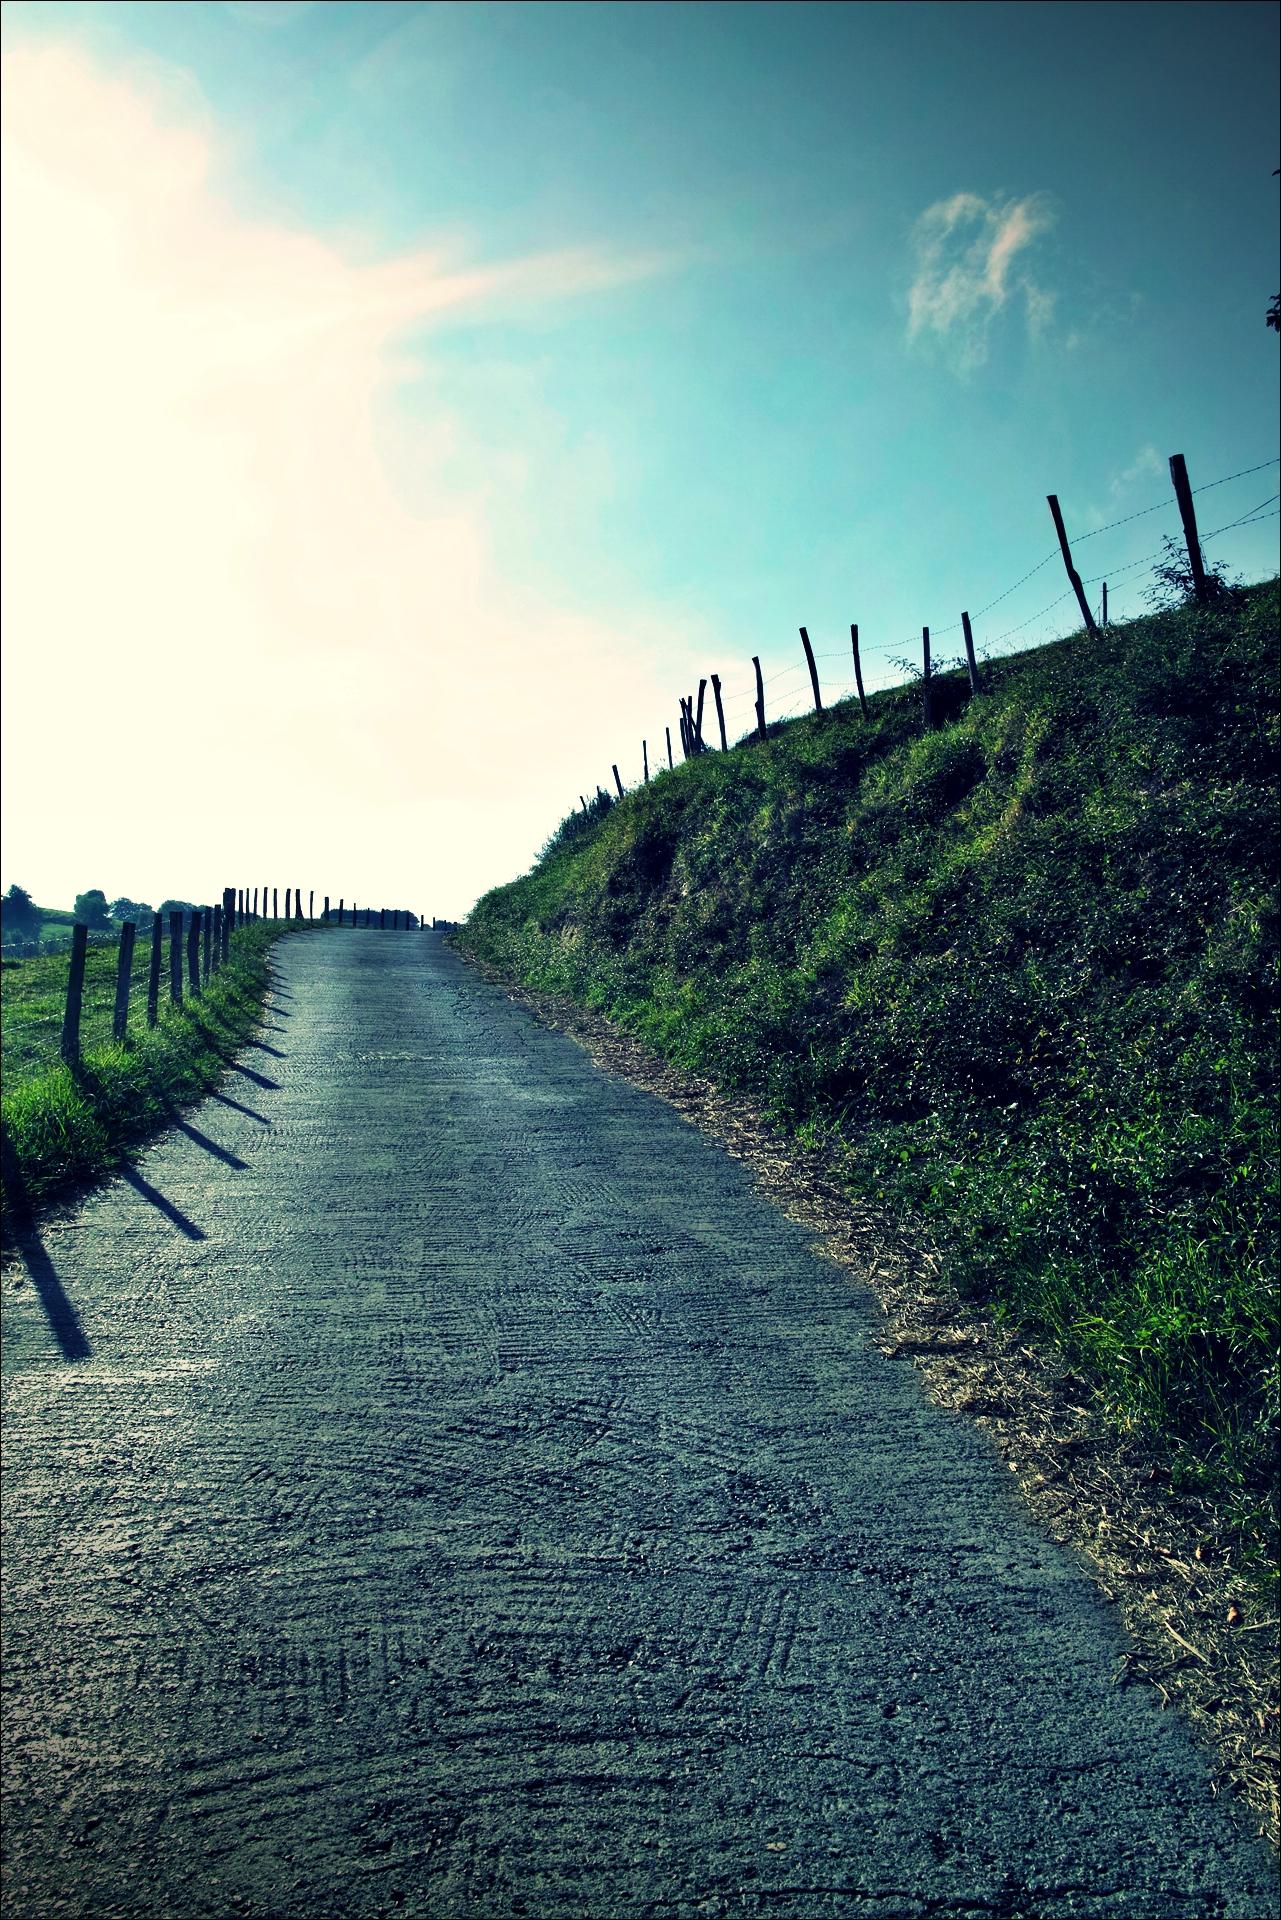 길-'카미노 데 산티아고 북쪽길. 산 세바스티안에서 사라우츠. (Camino del Norte - San Sebastian to Zarauz)'